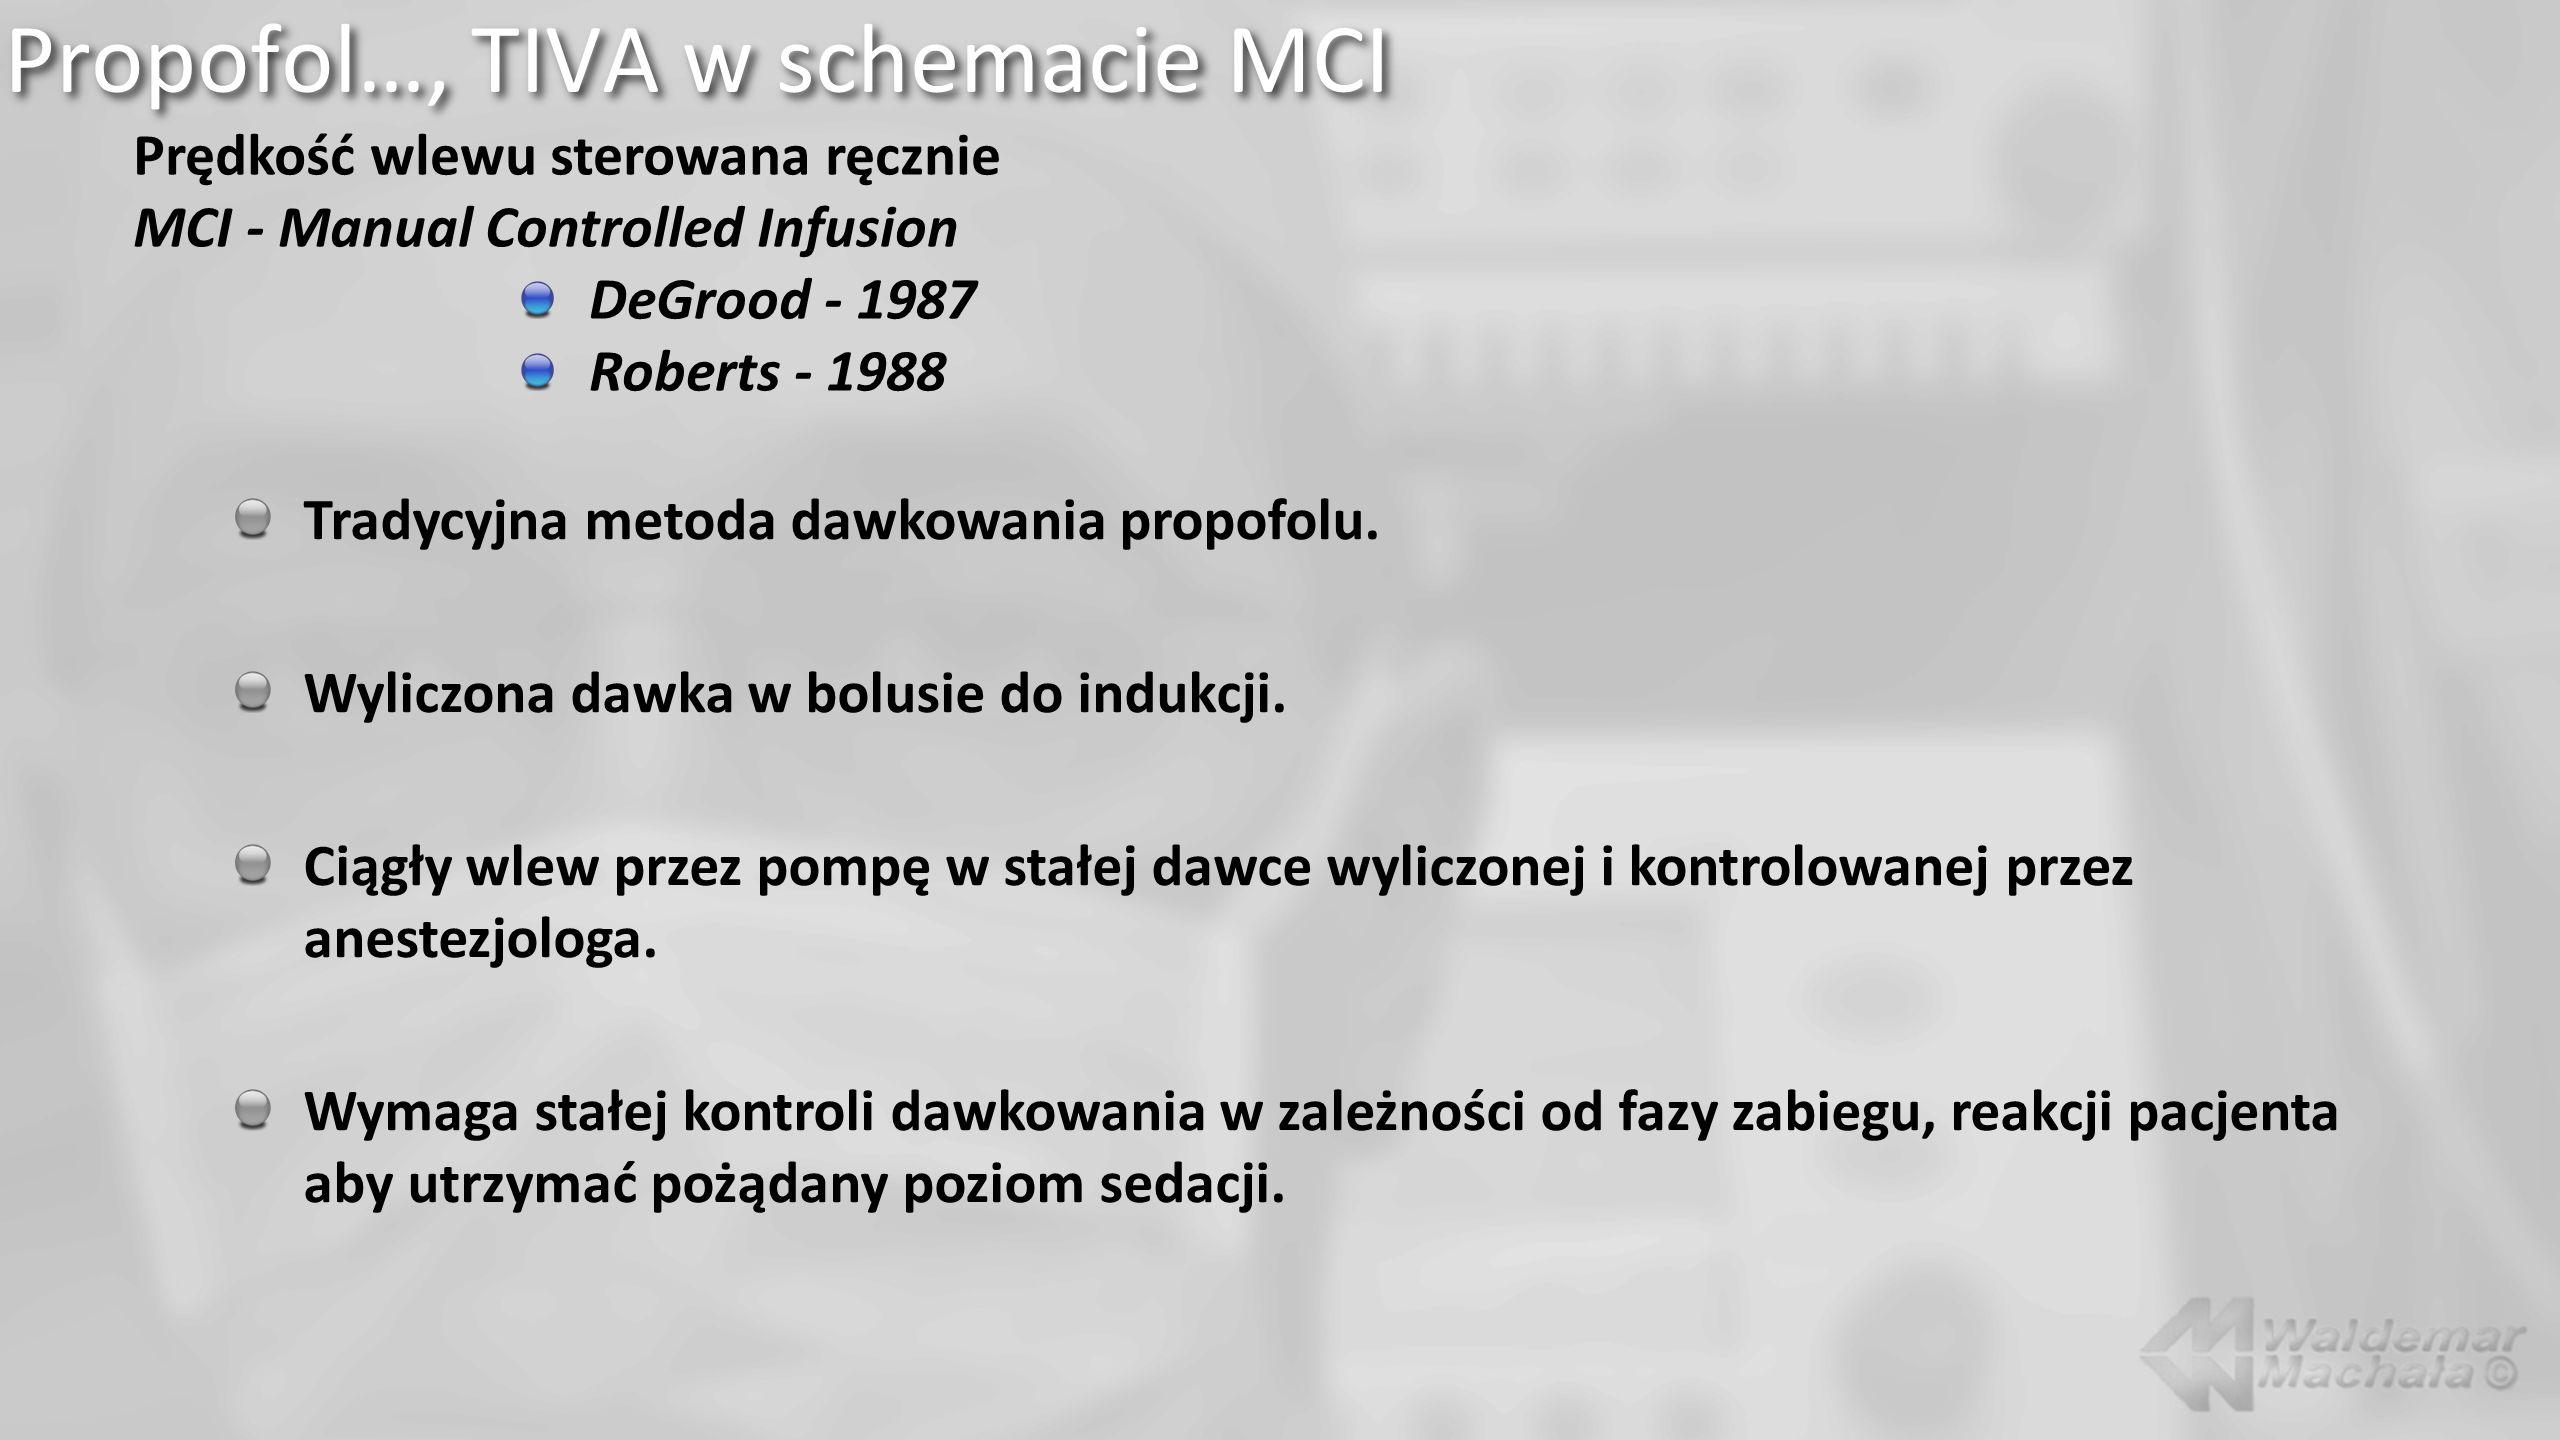 Propofol…, TIVA w schemacie MCI